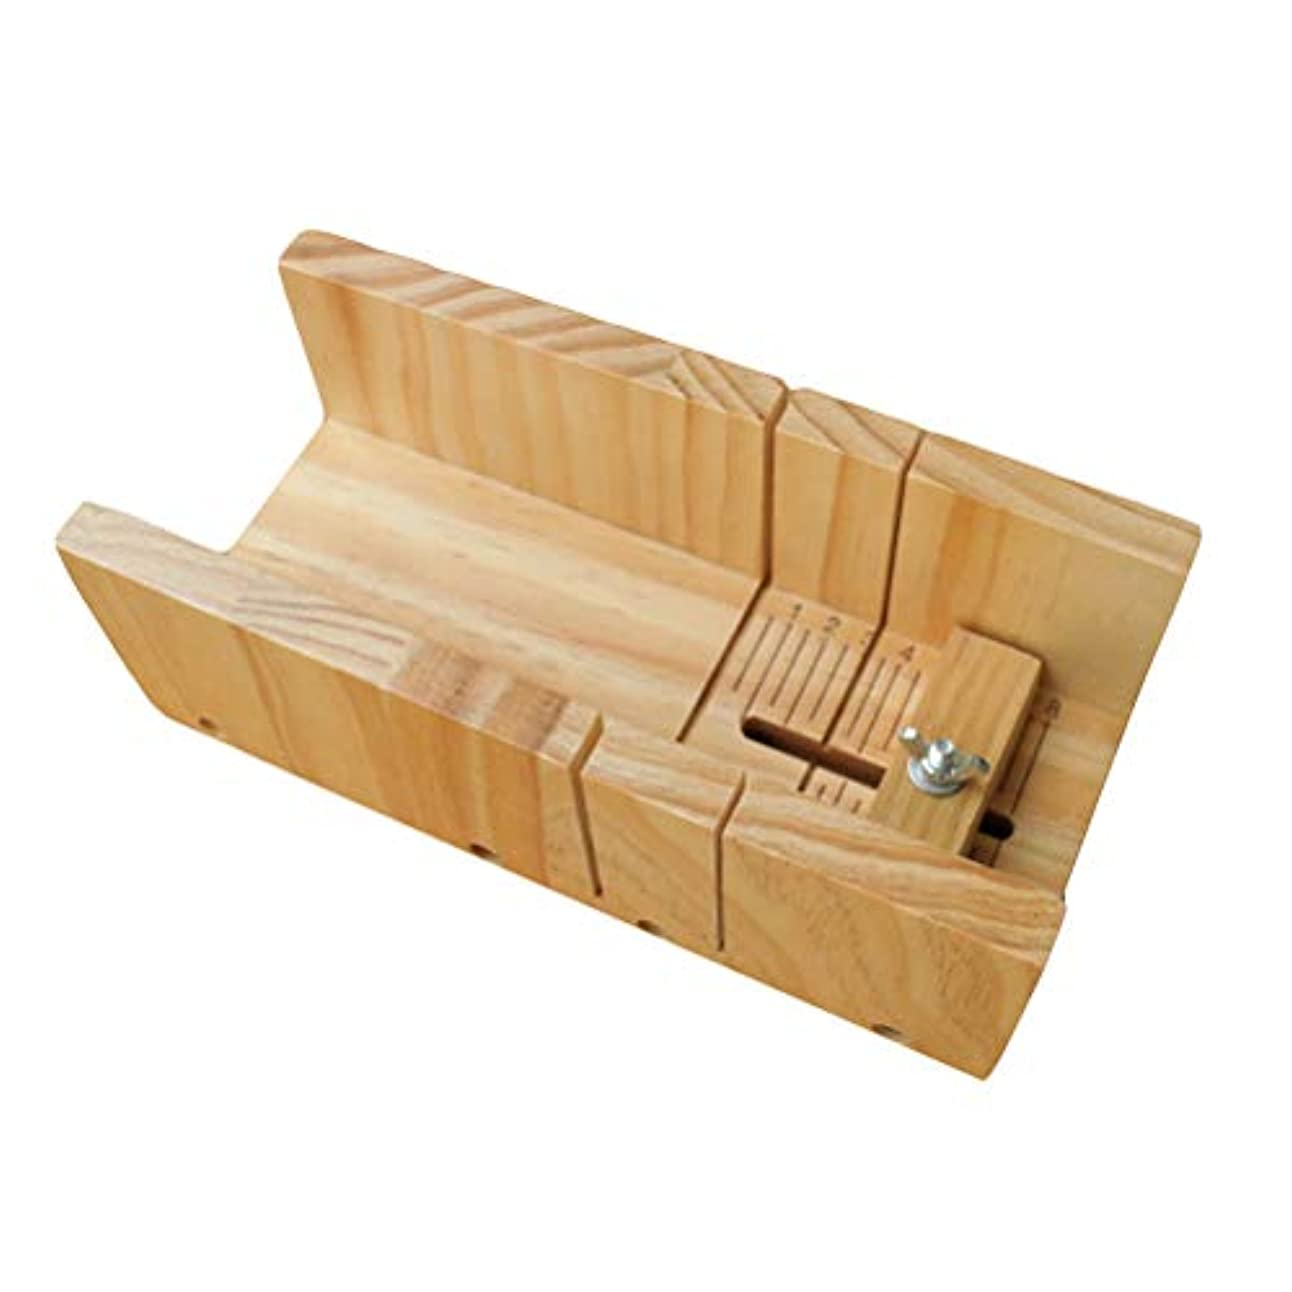 化石いうふさわしいSUPVOX ウッドソープローフカッター金型調整可能カッター金型ボックスソープ作りツール(ウッドカラー)